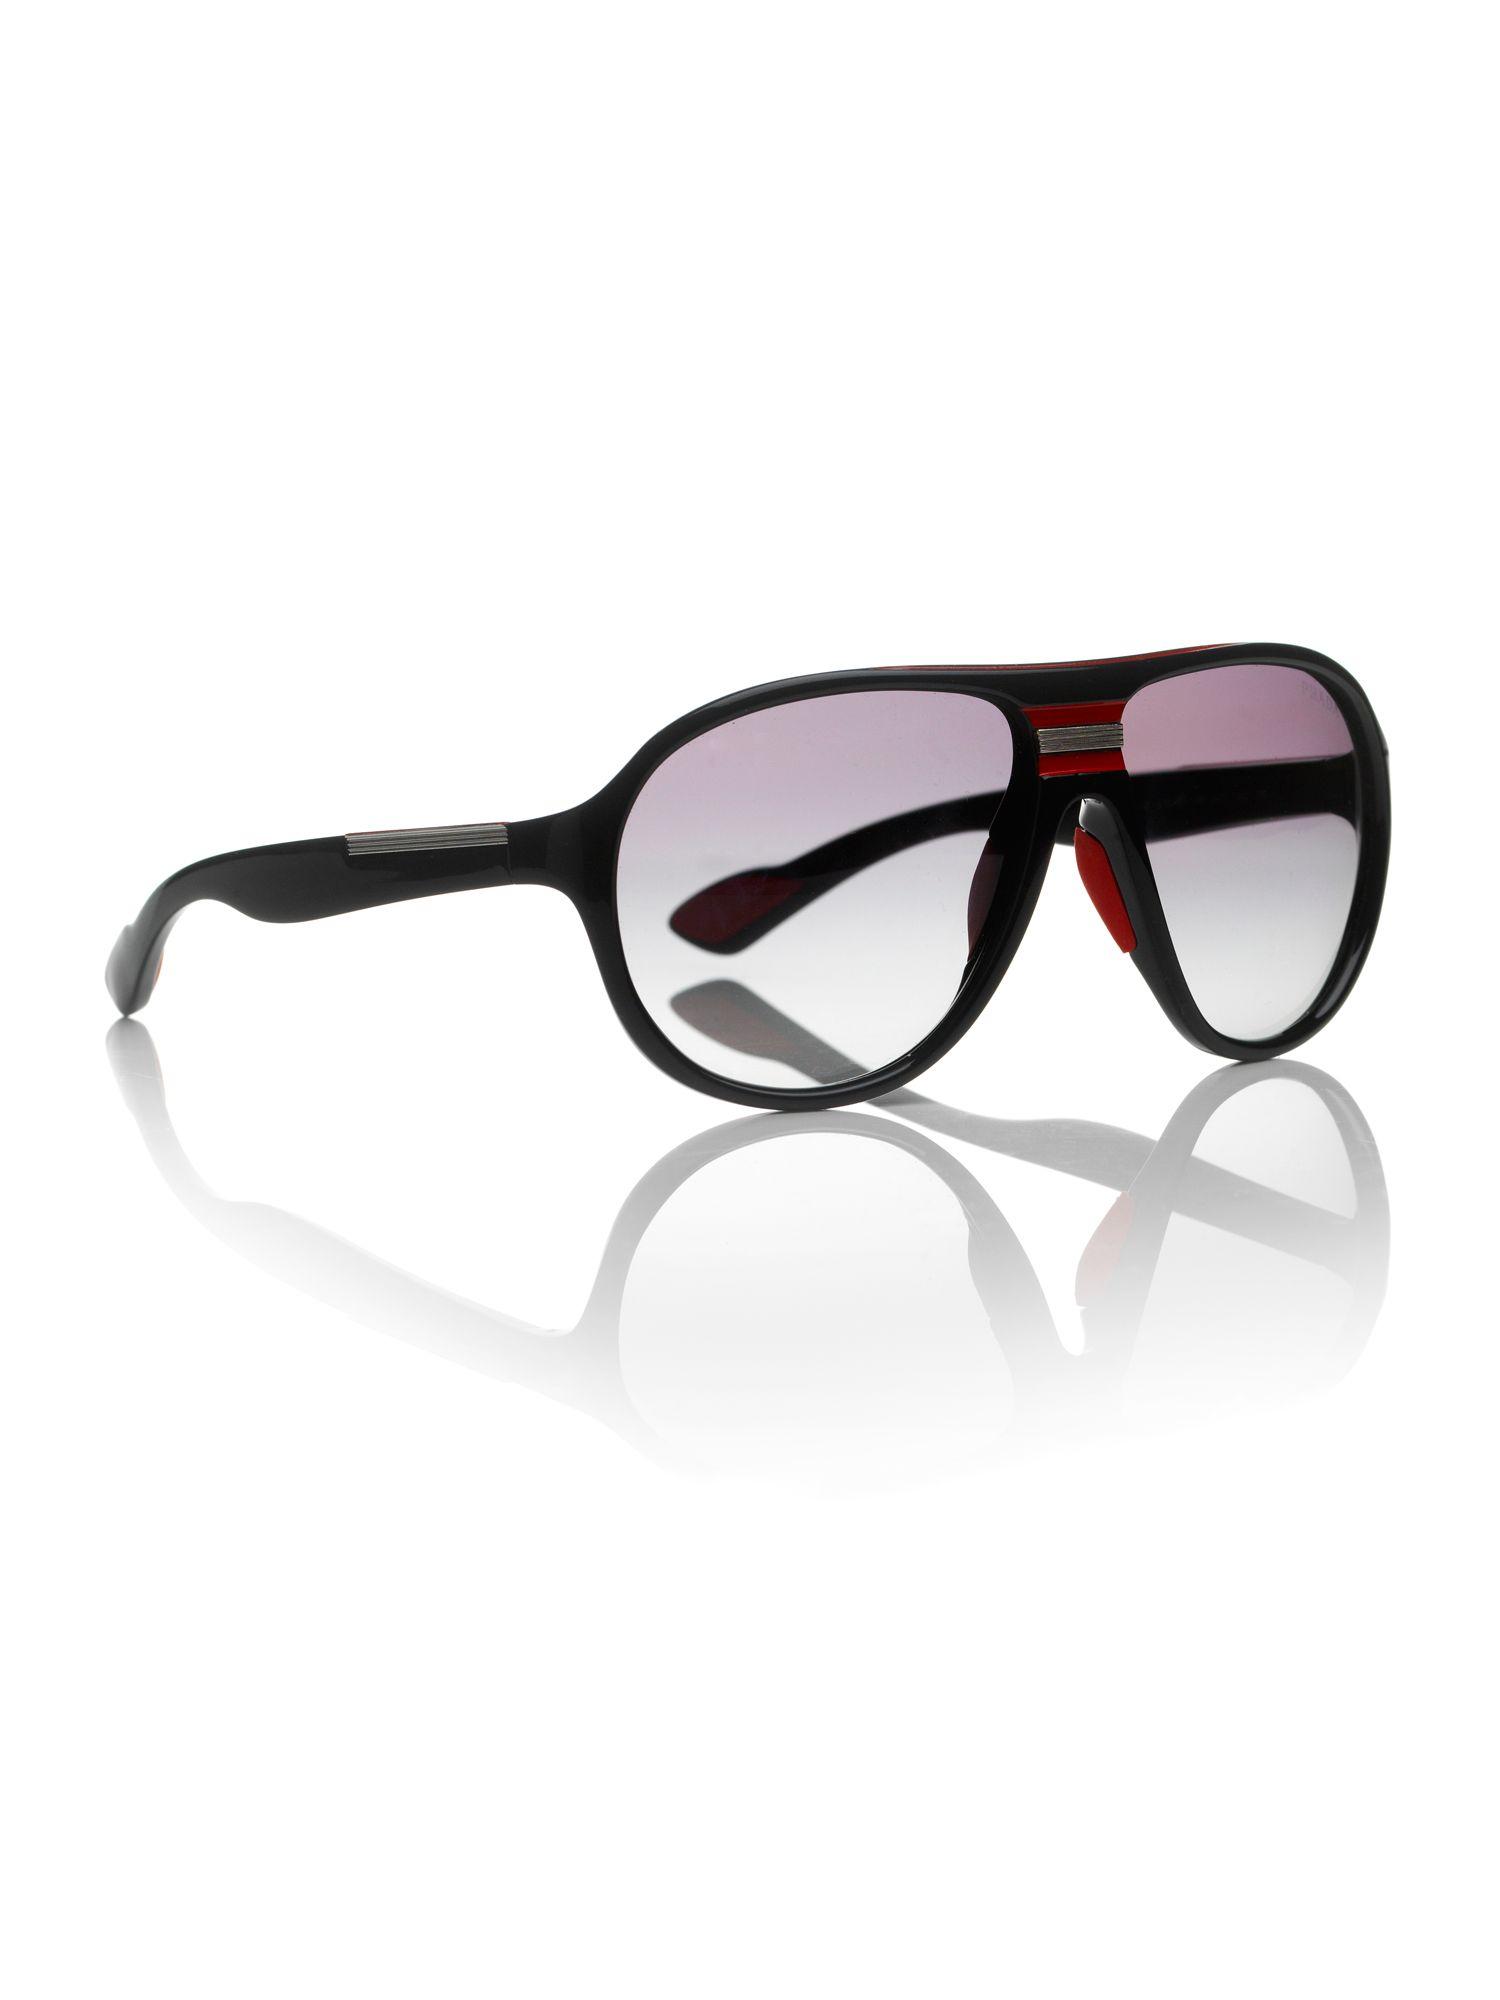 cb02e8110a3d ... discount code for prada mens sunglasses 2012 196f5 227ca